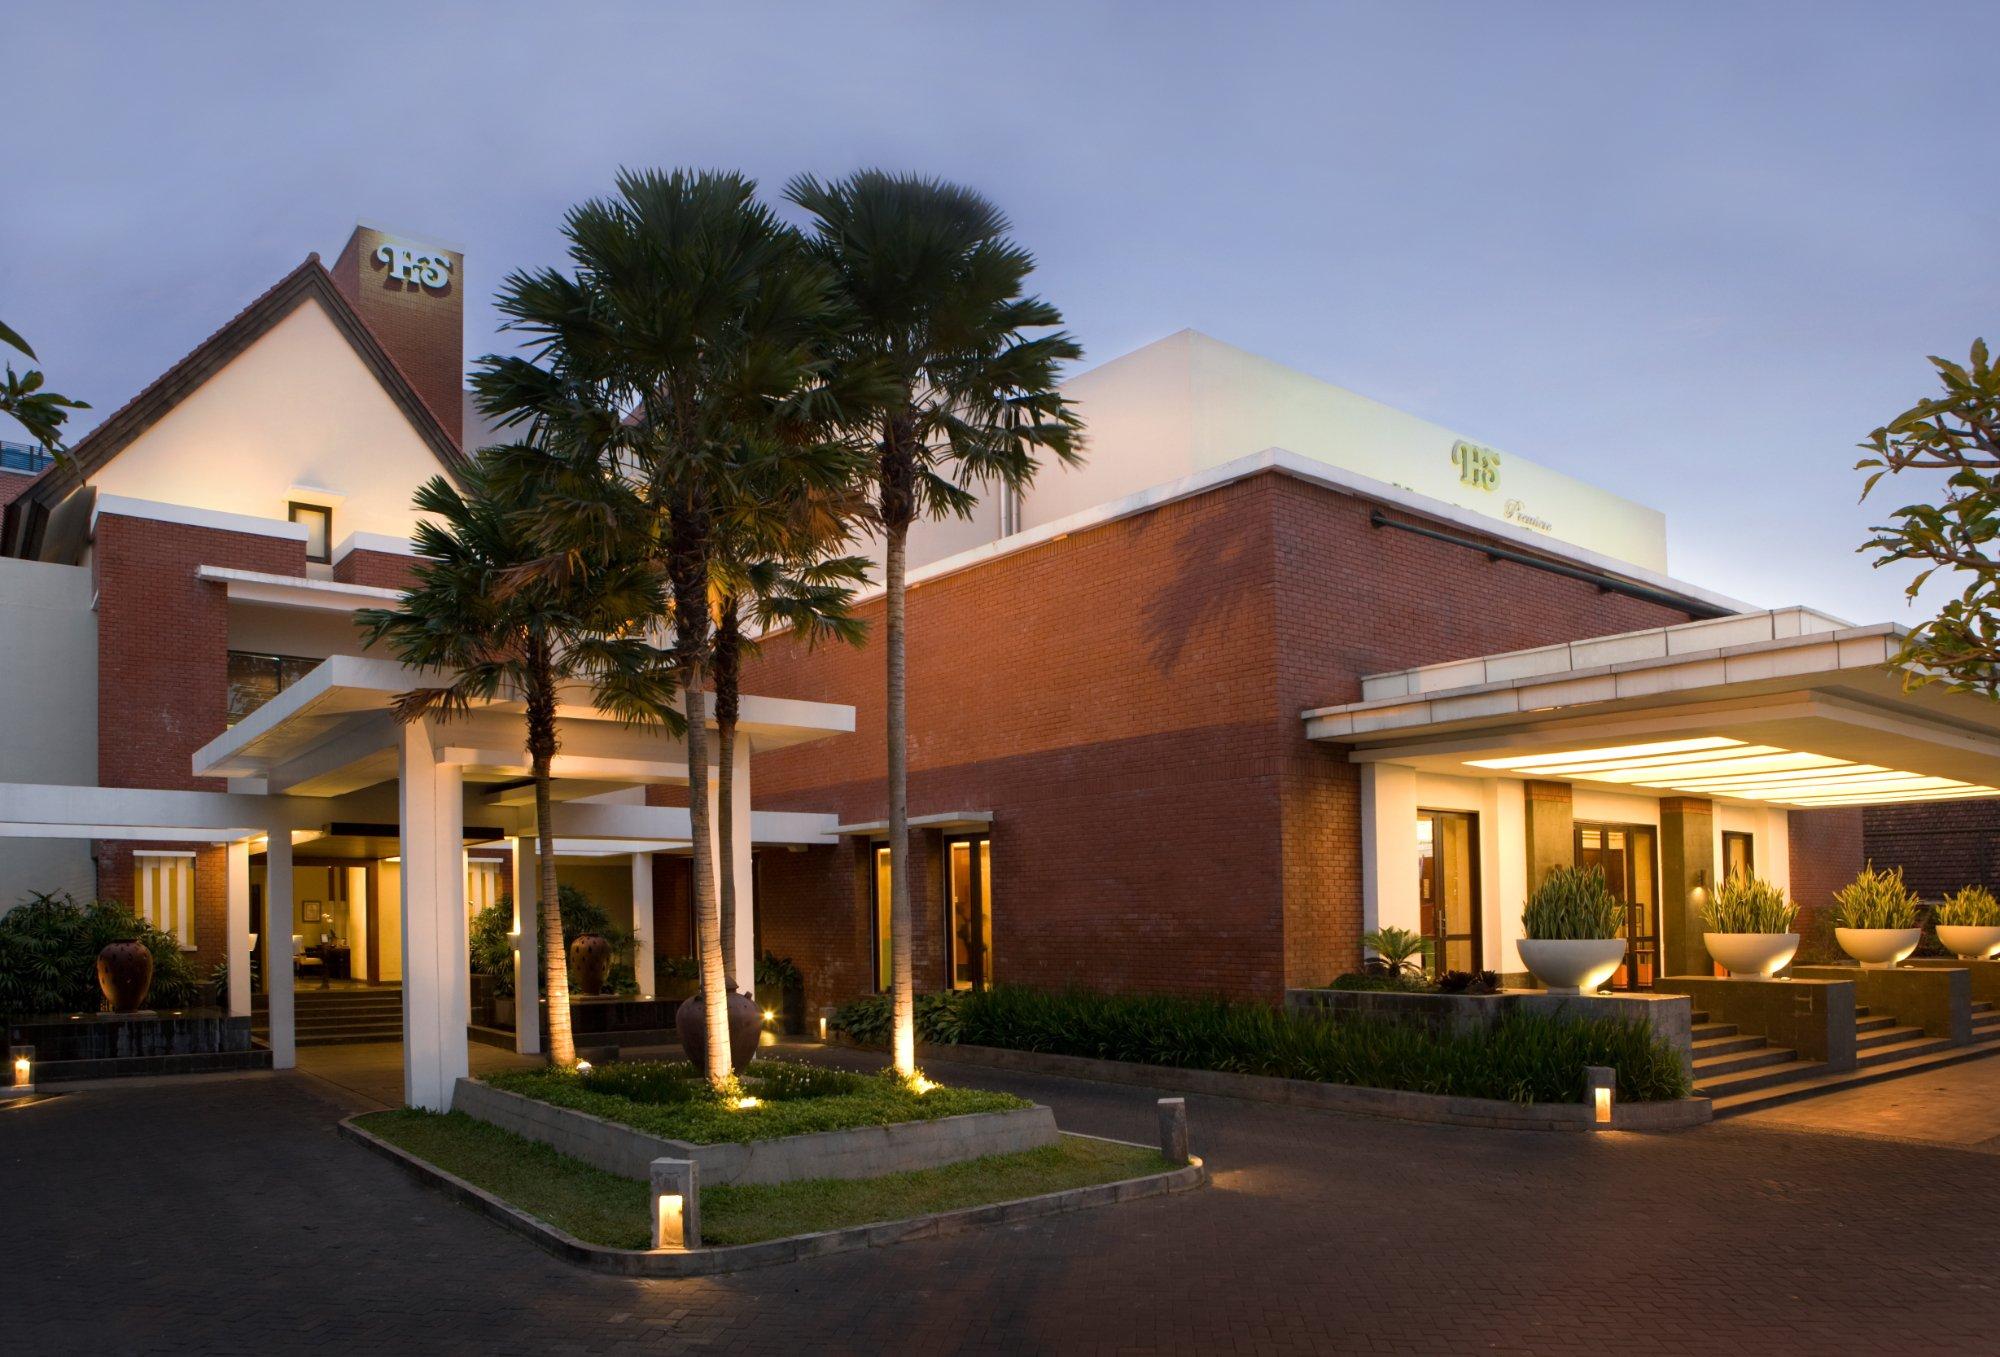 ホテル サンティカ プレミア マラン